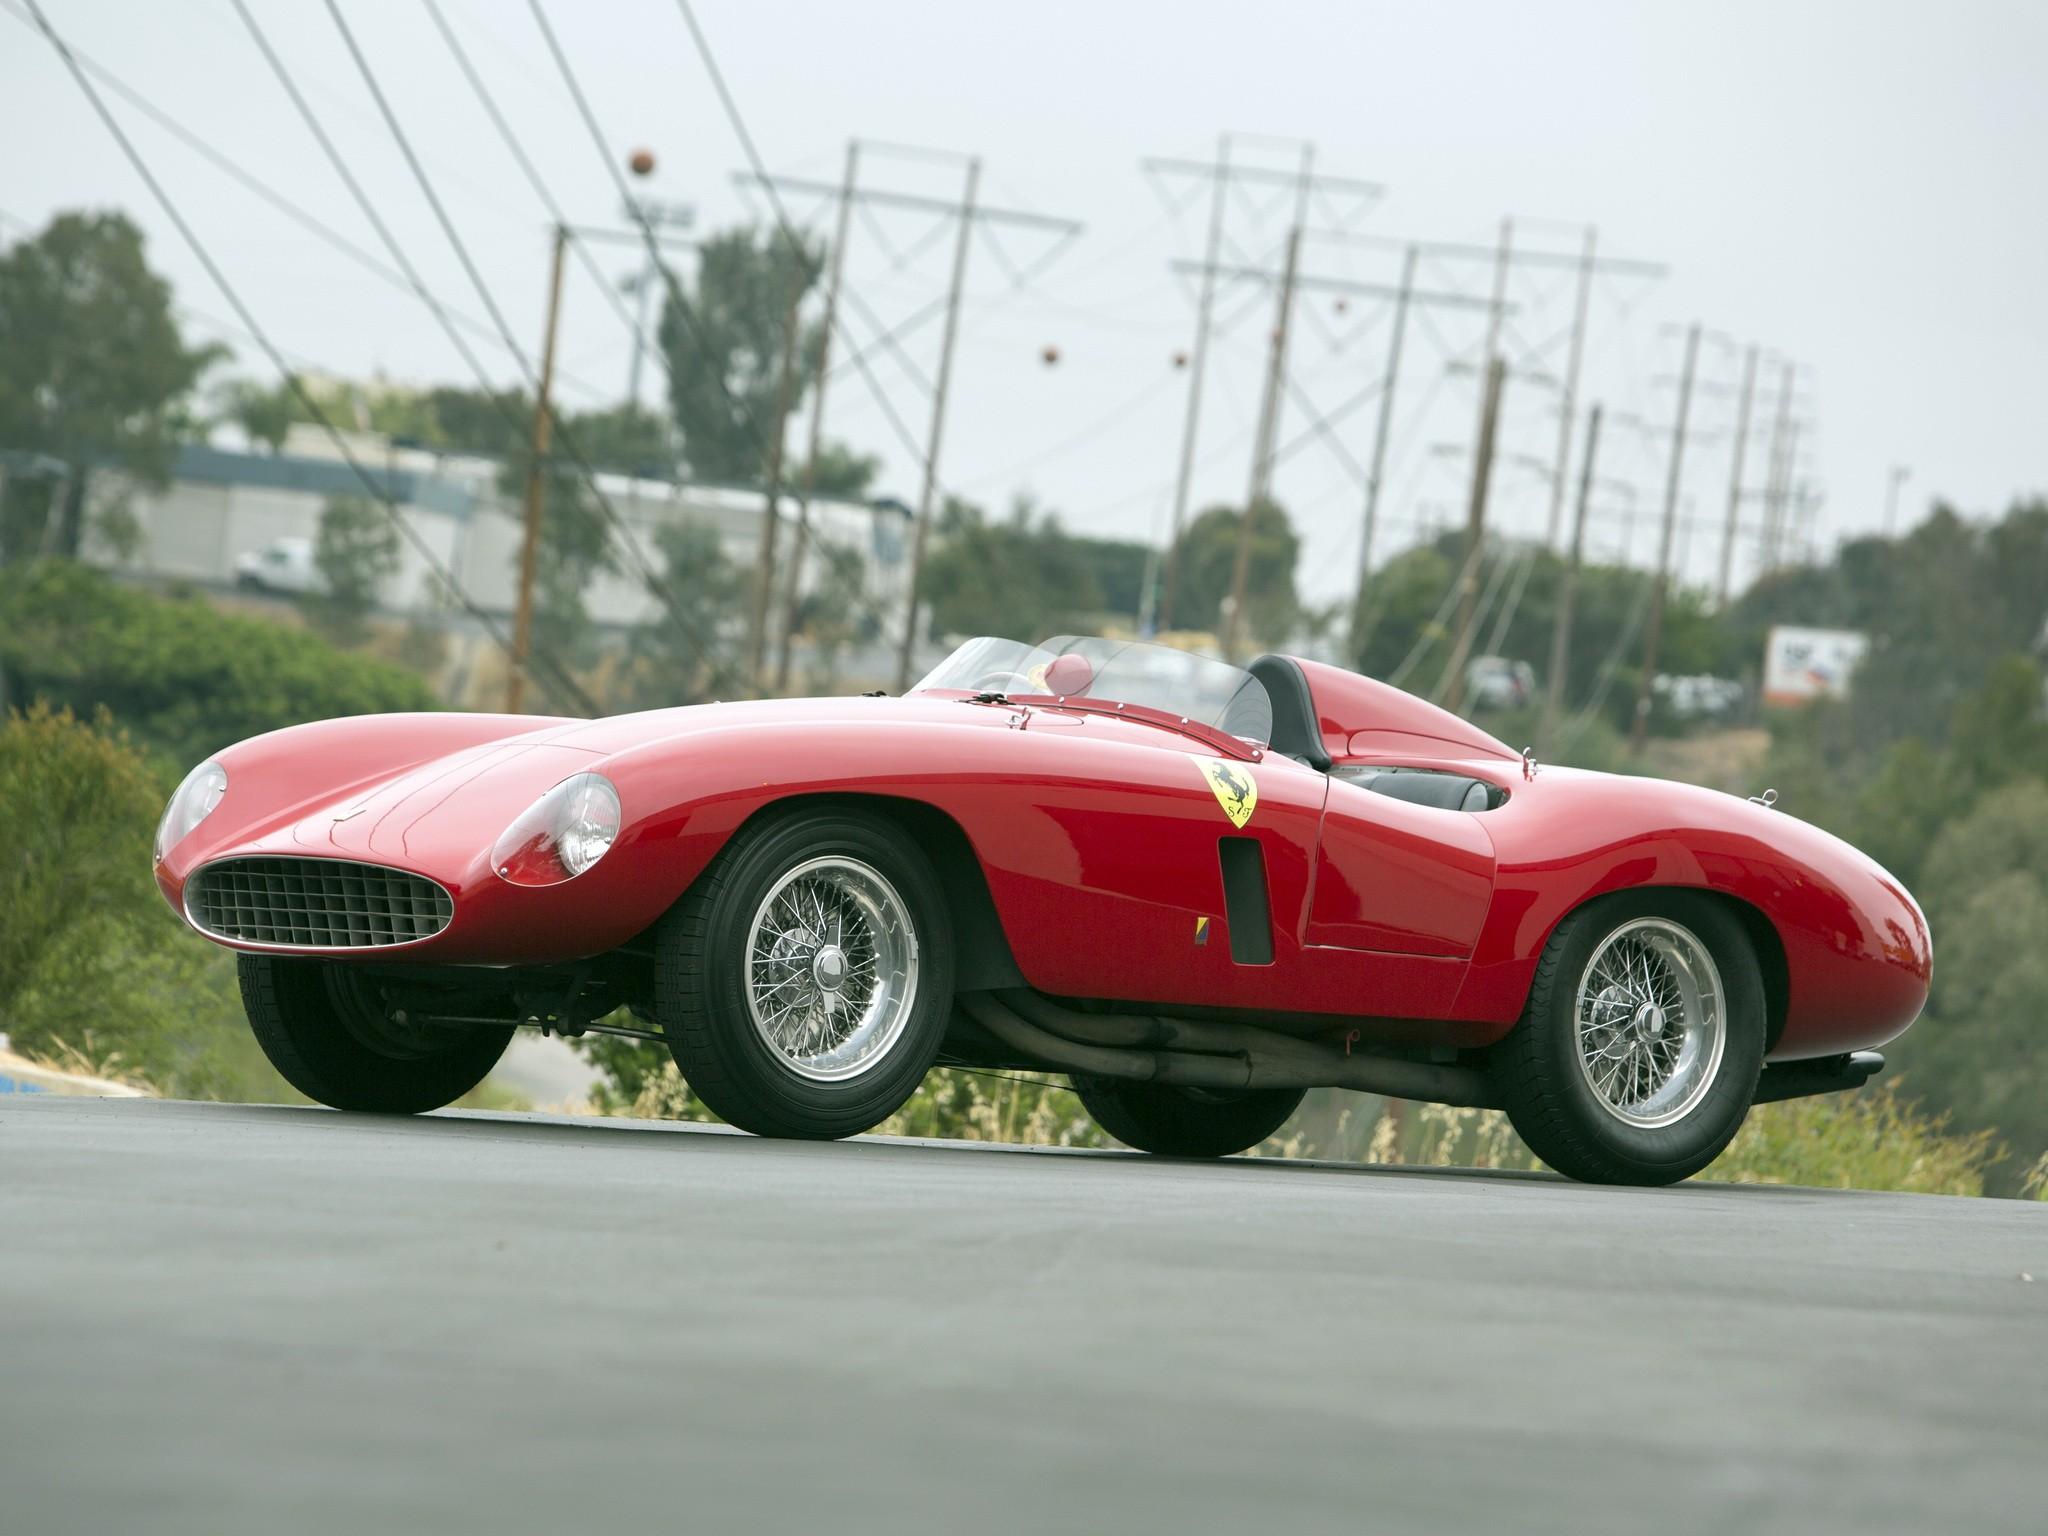 Ferrari 750 Monza photo car